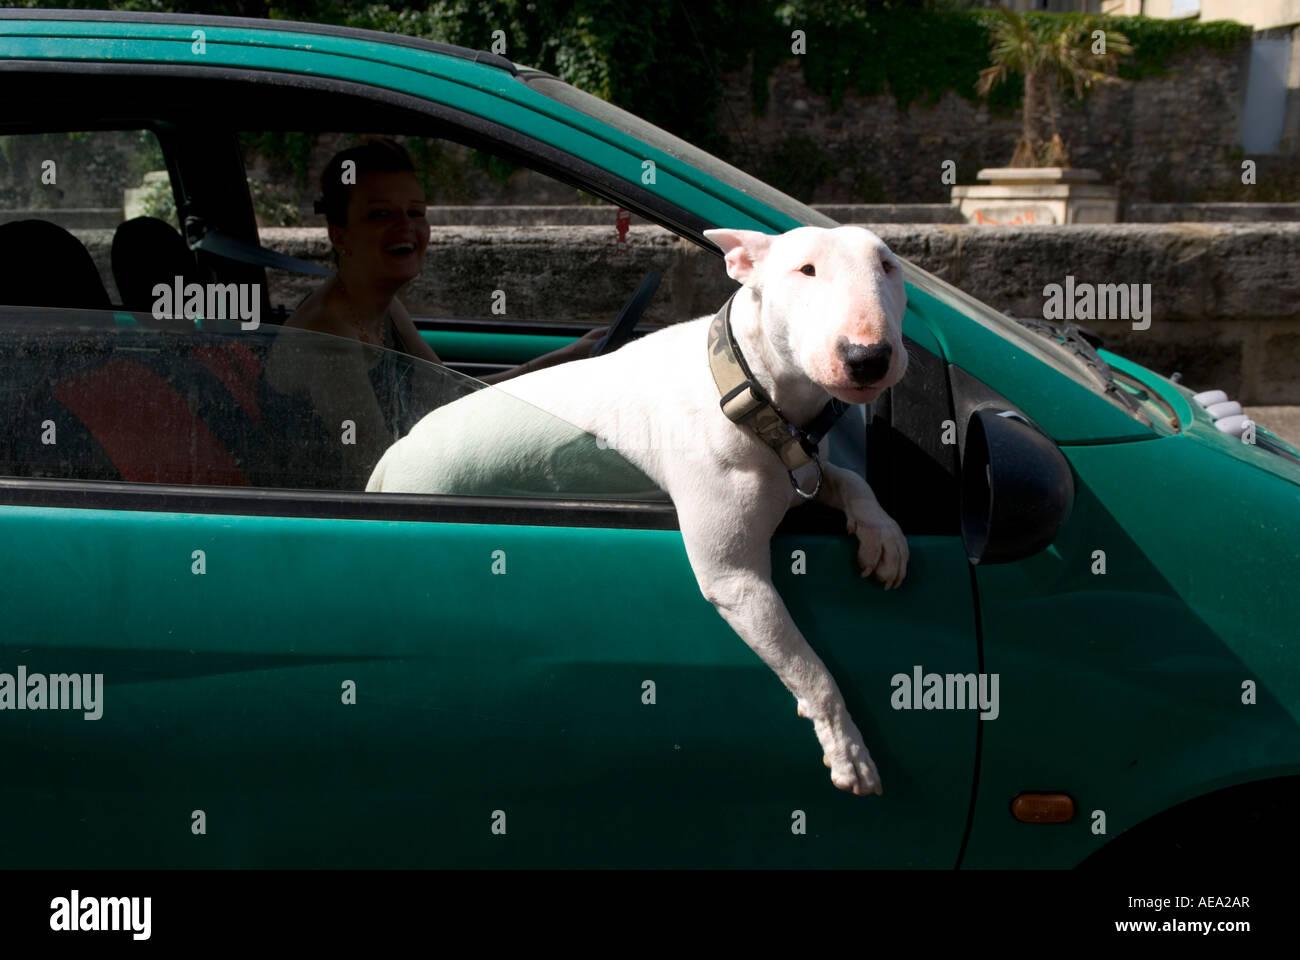 ein englischer Bullterrier lehnt sich aus einem beweglichen Fenster mit seinem Bein nach unten hängend Stockbild